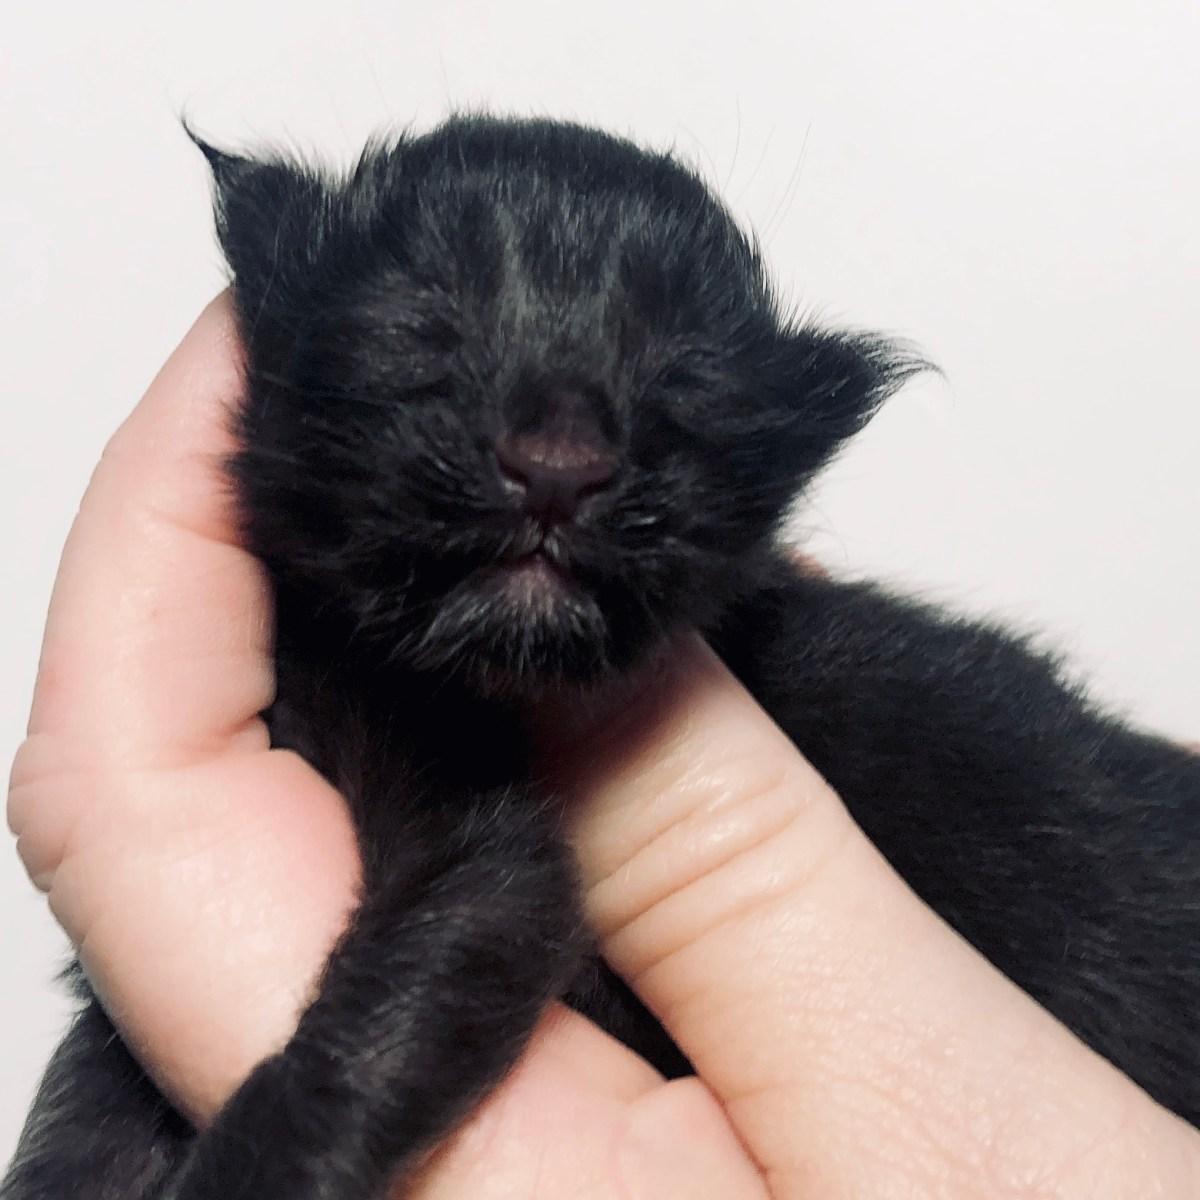 naming a kitten